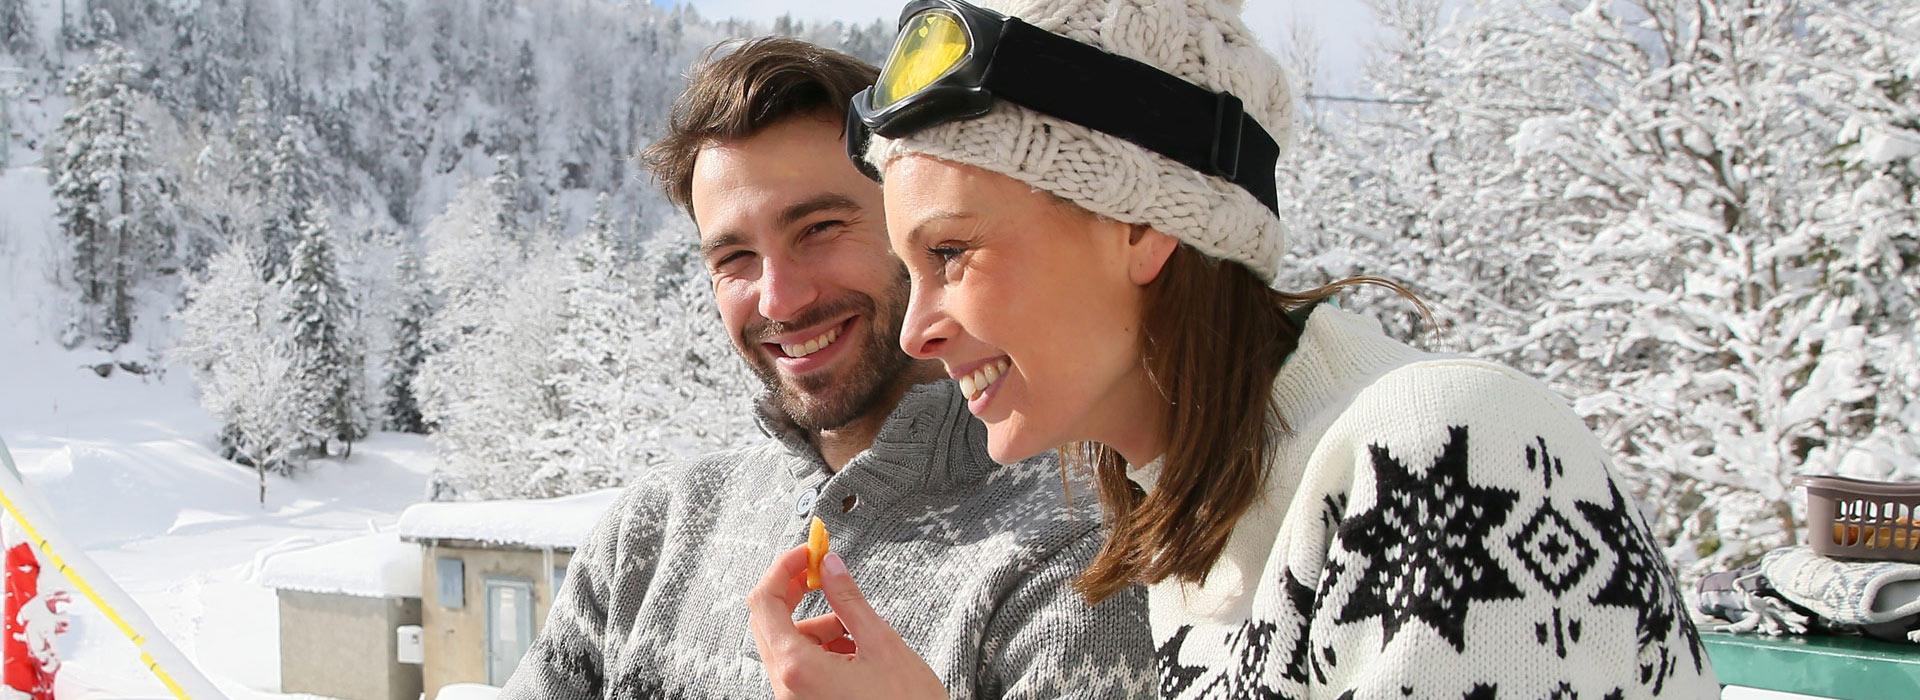 skiurlaub-ohne-kinder